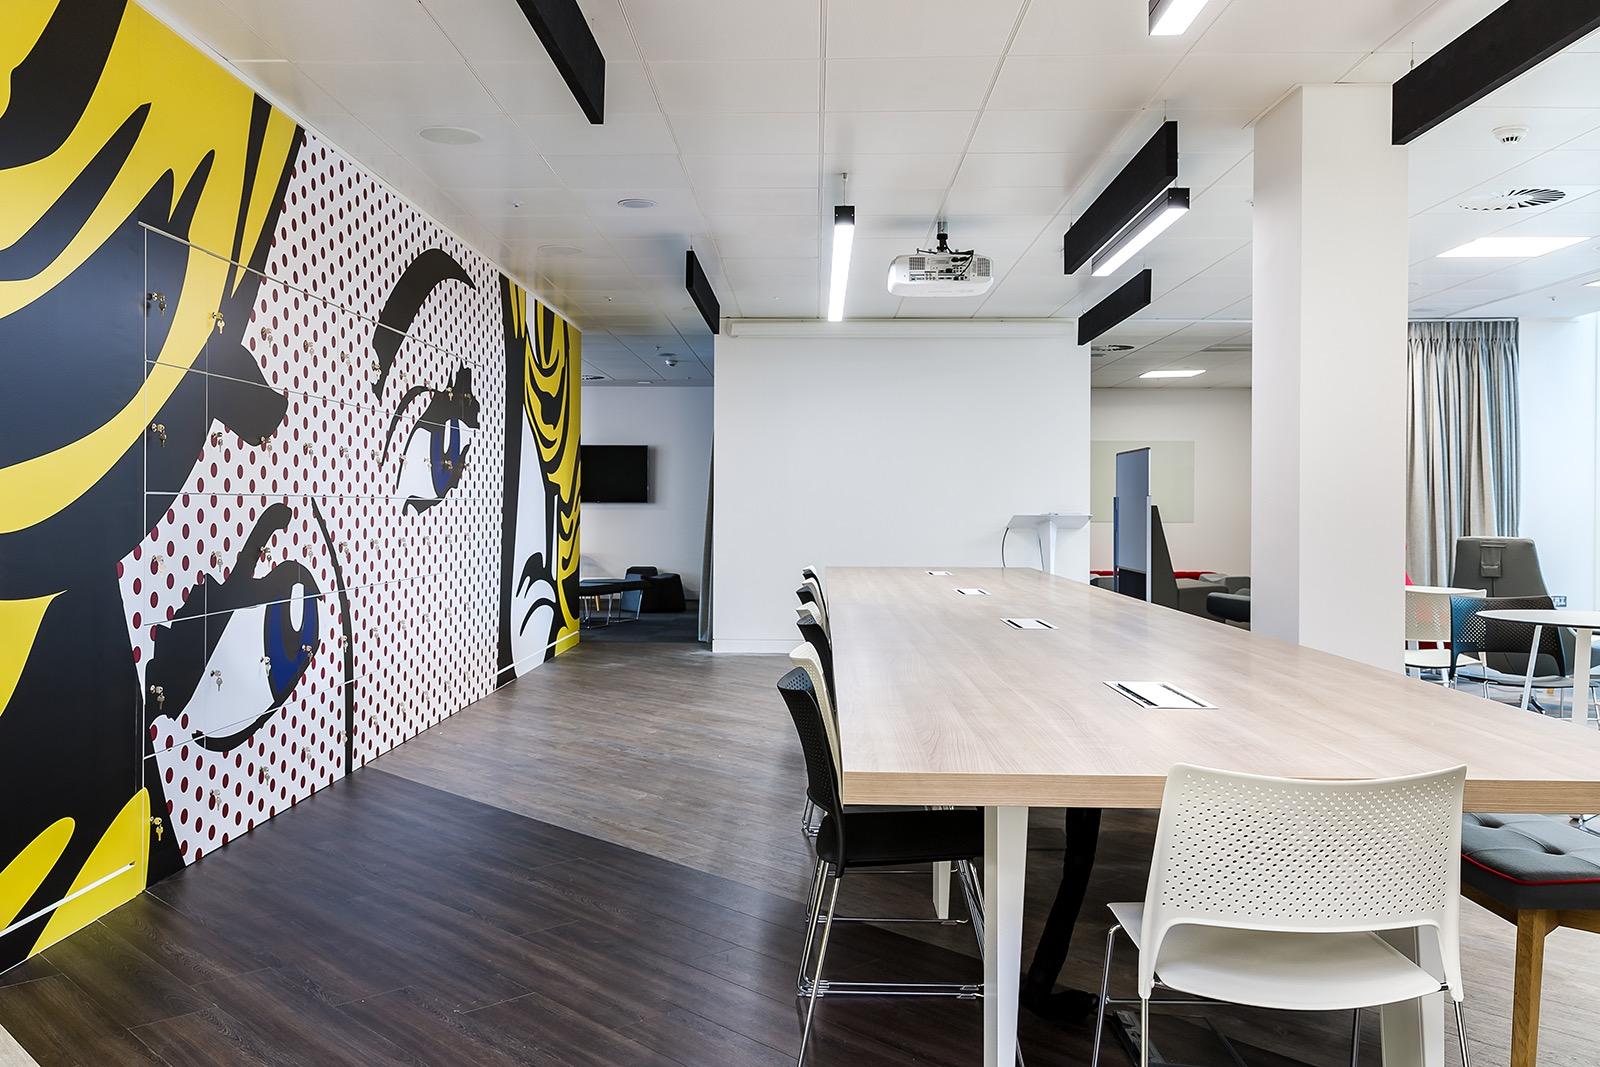 rakuten-office-london-7